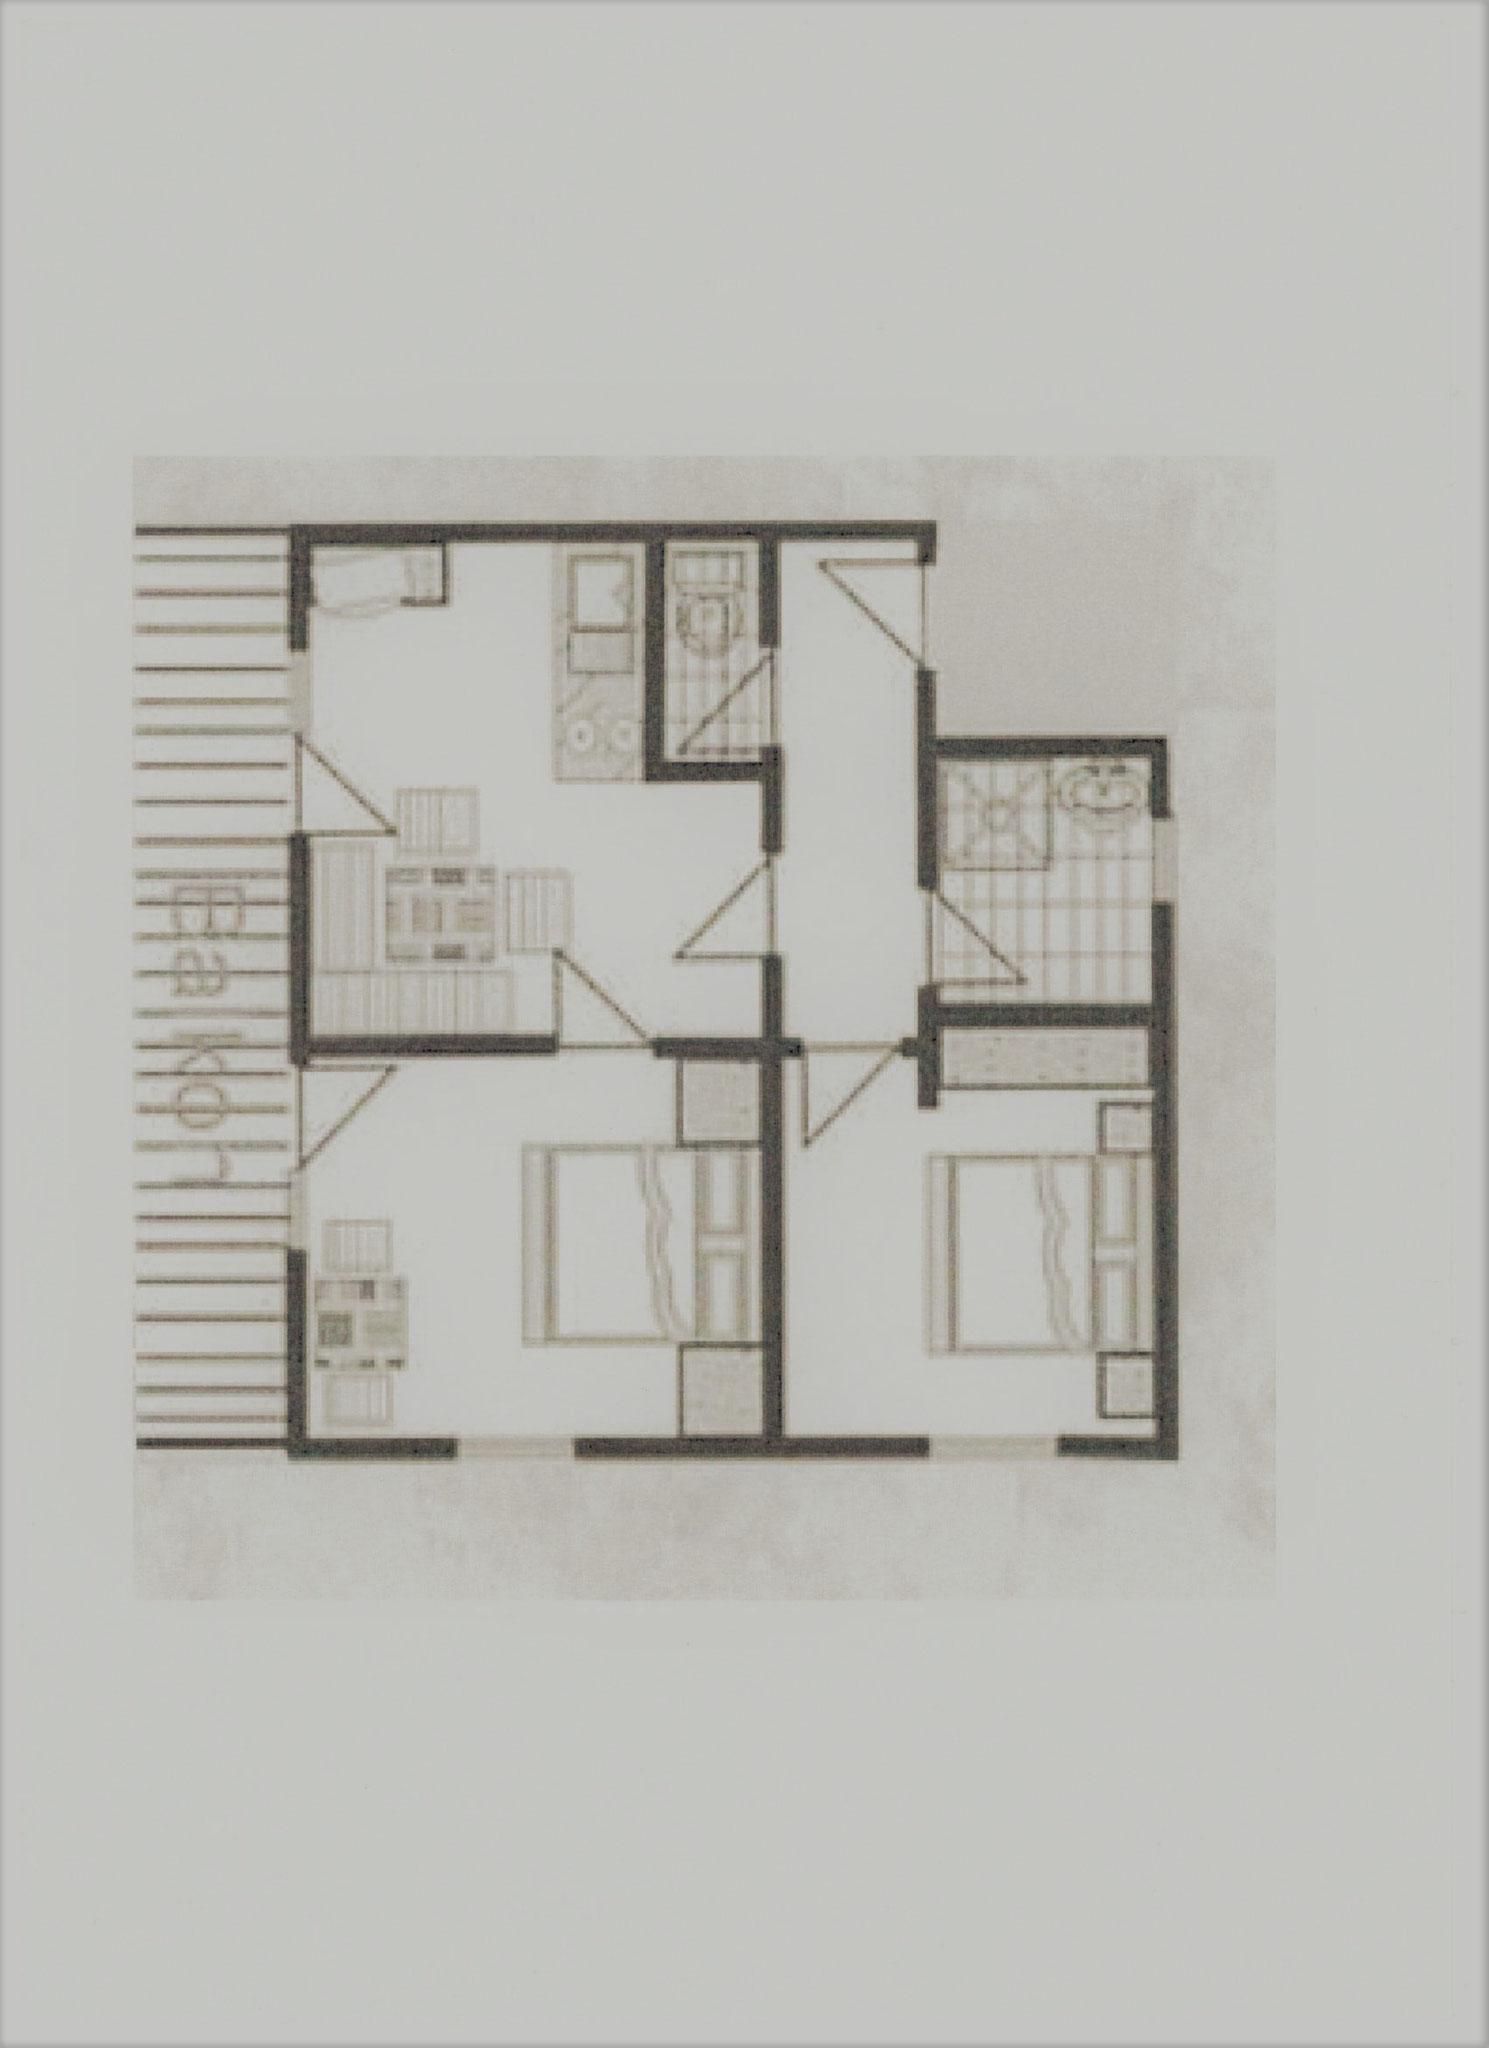 Grundriss Appartement Enzian